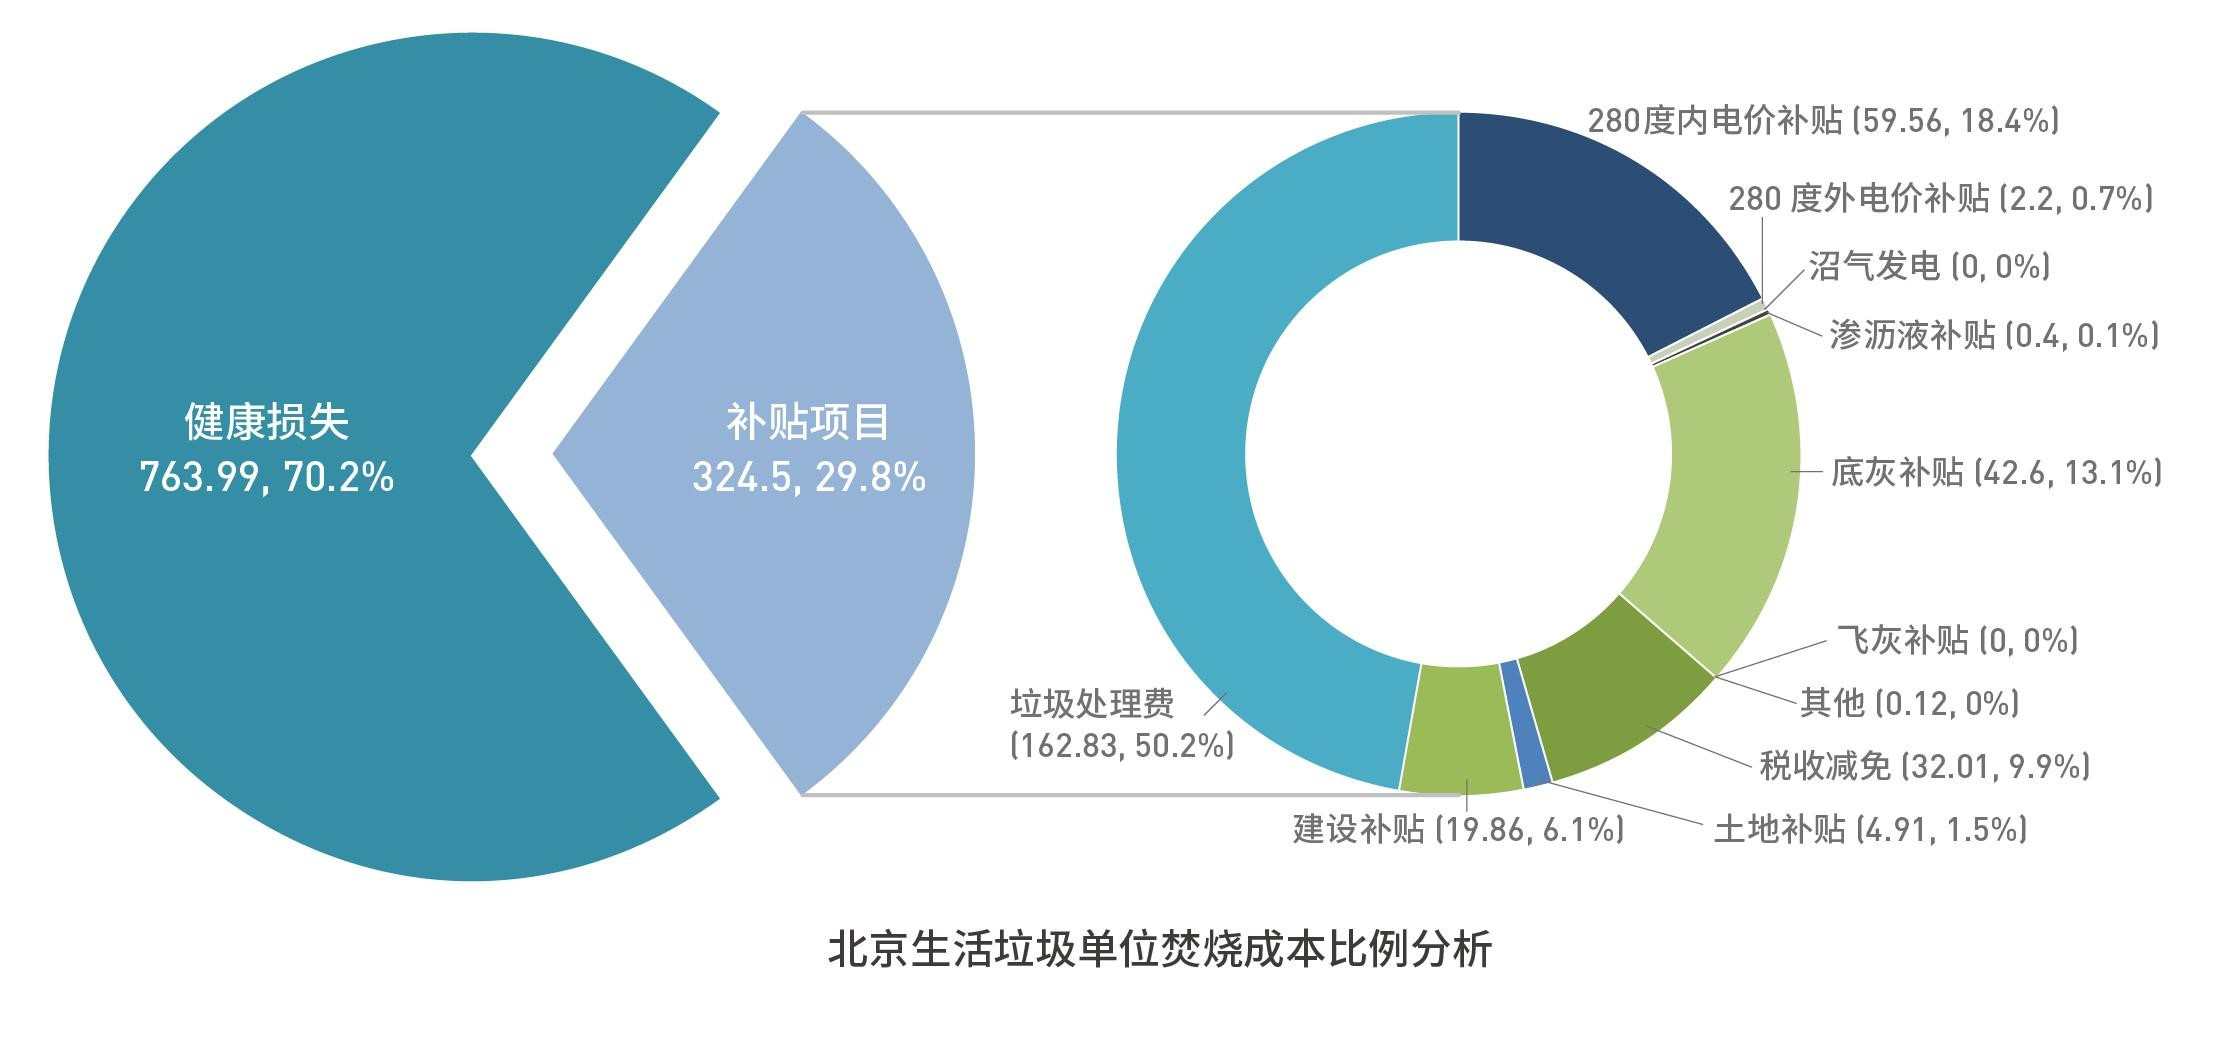 北京生活垃圾单位焚烧成本比例分析图 © Greenpeace